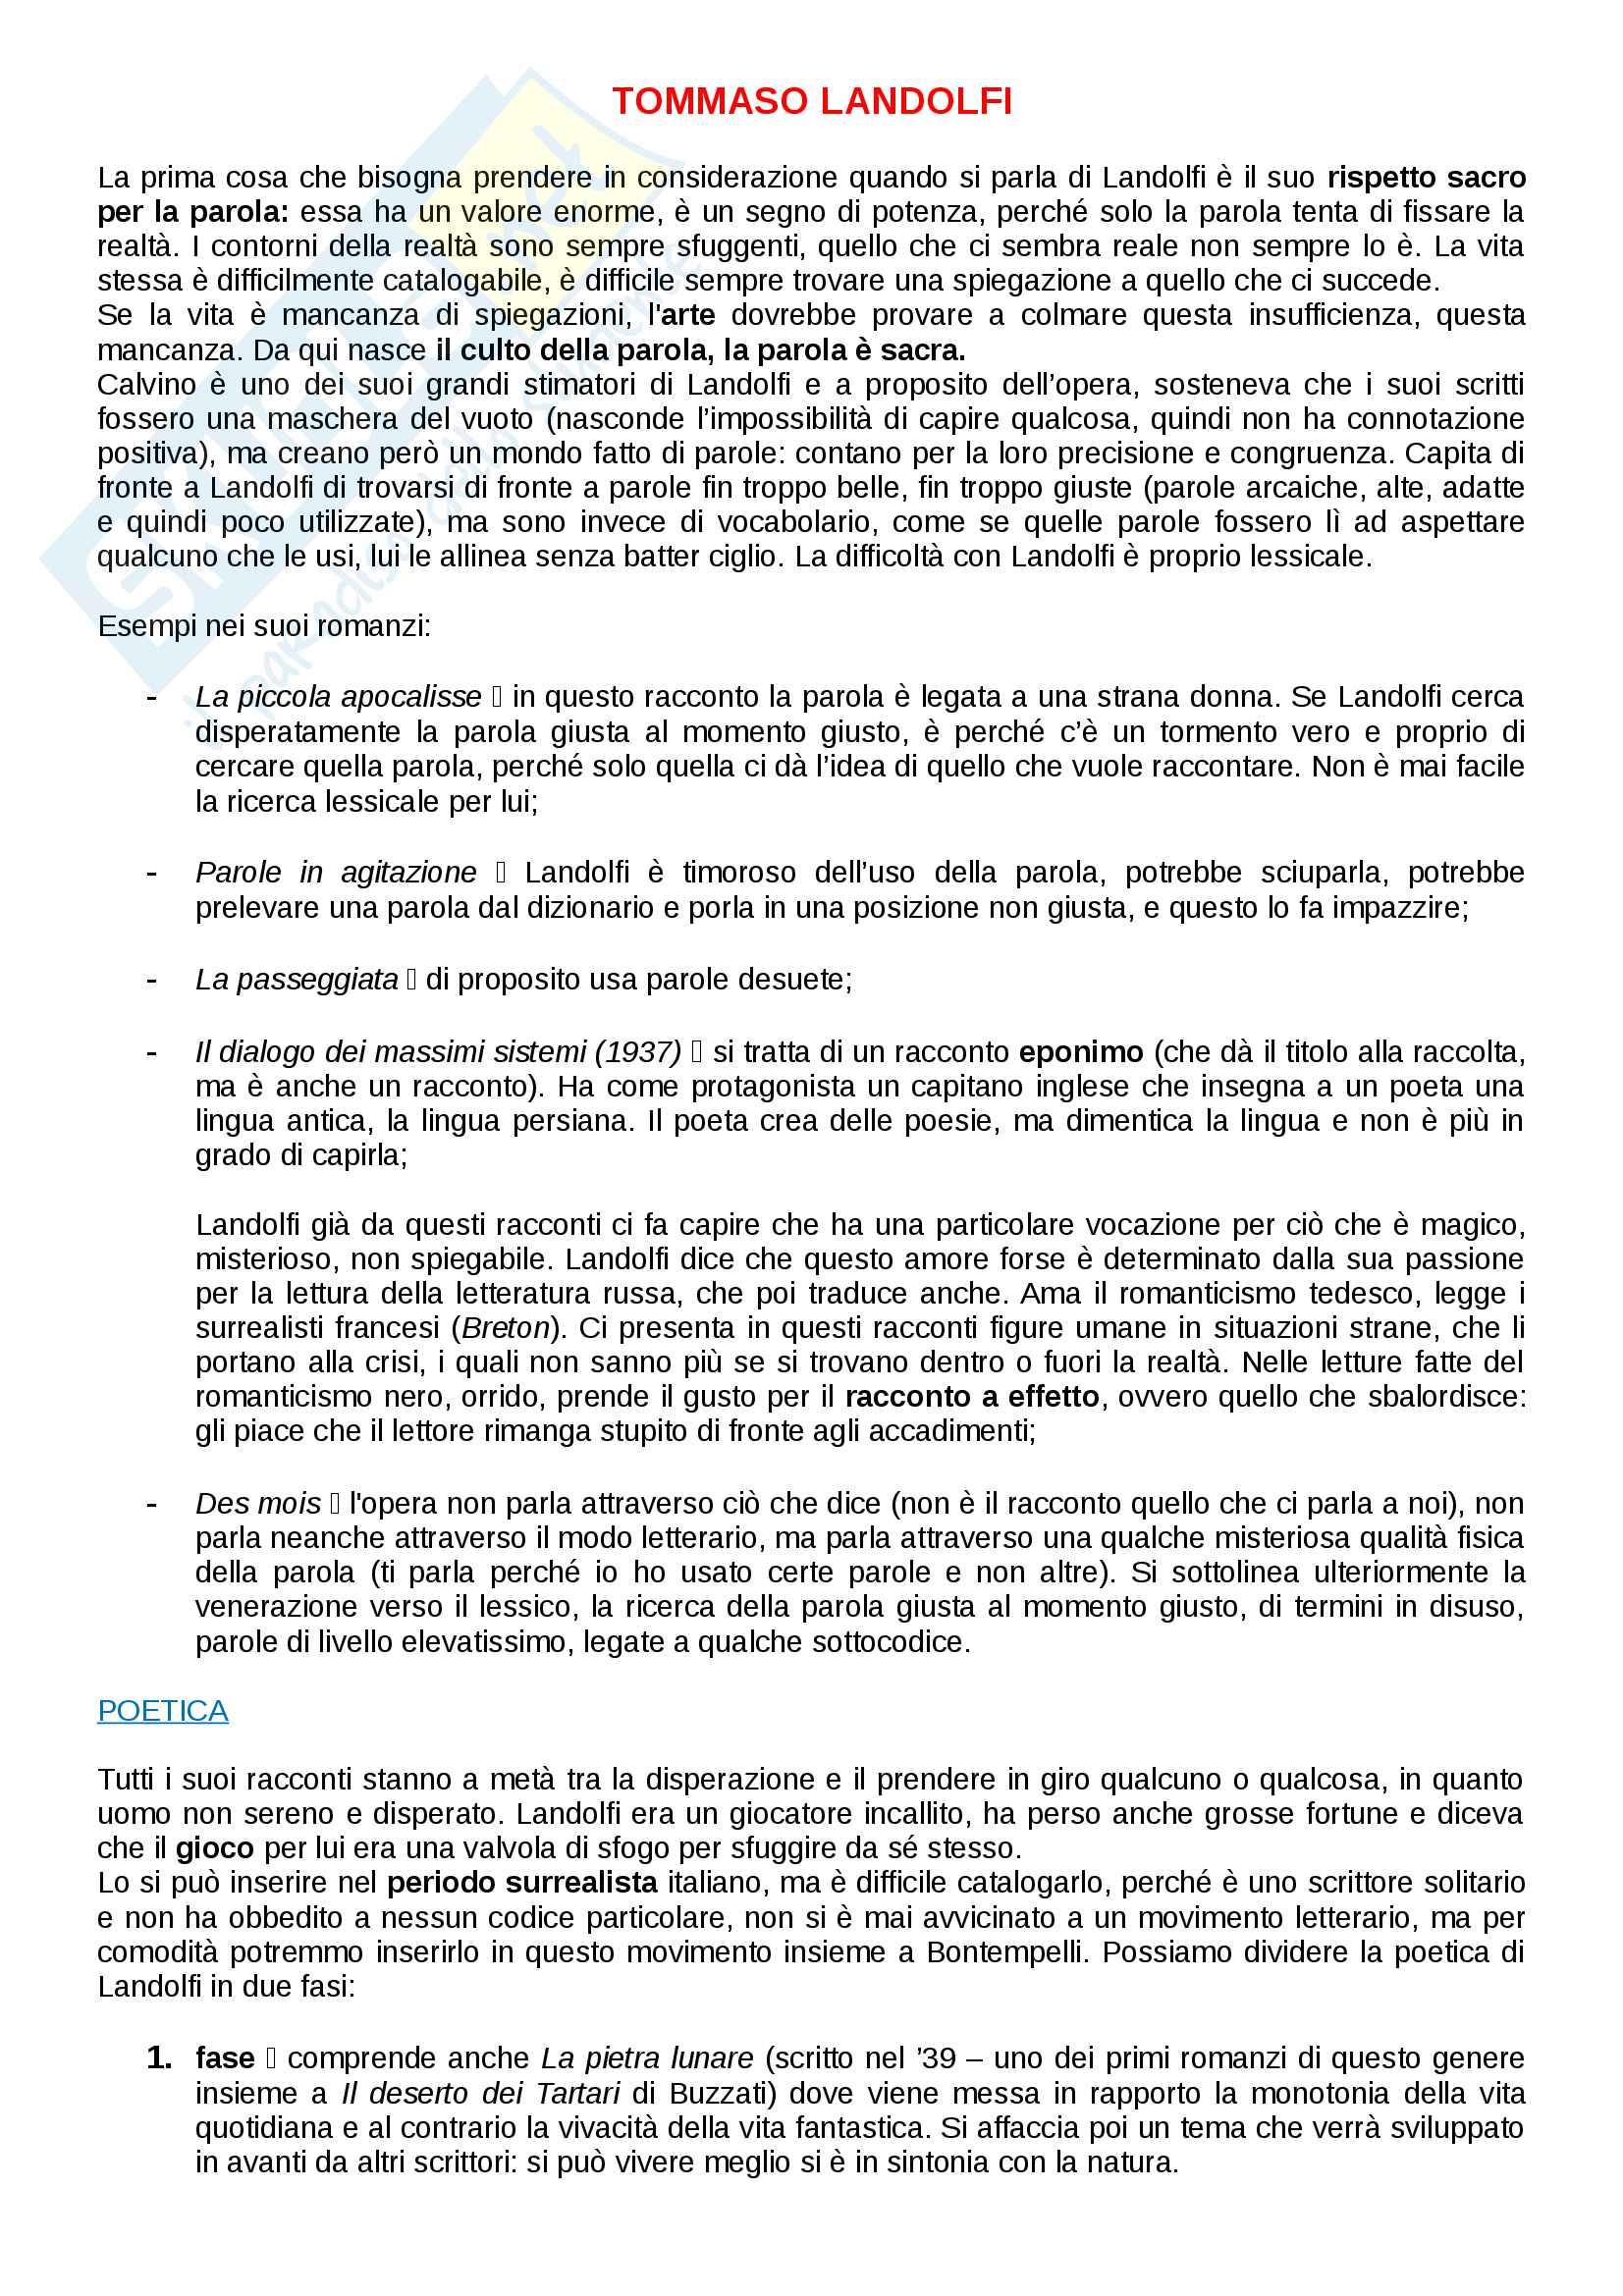 Riassunto esame di Lingua e letteratura italiana, prof.ssa Zangrandi, libro consigliato La pietra lunare, T. Landolfi